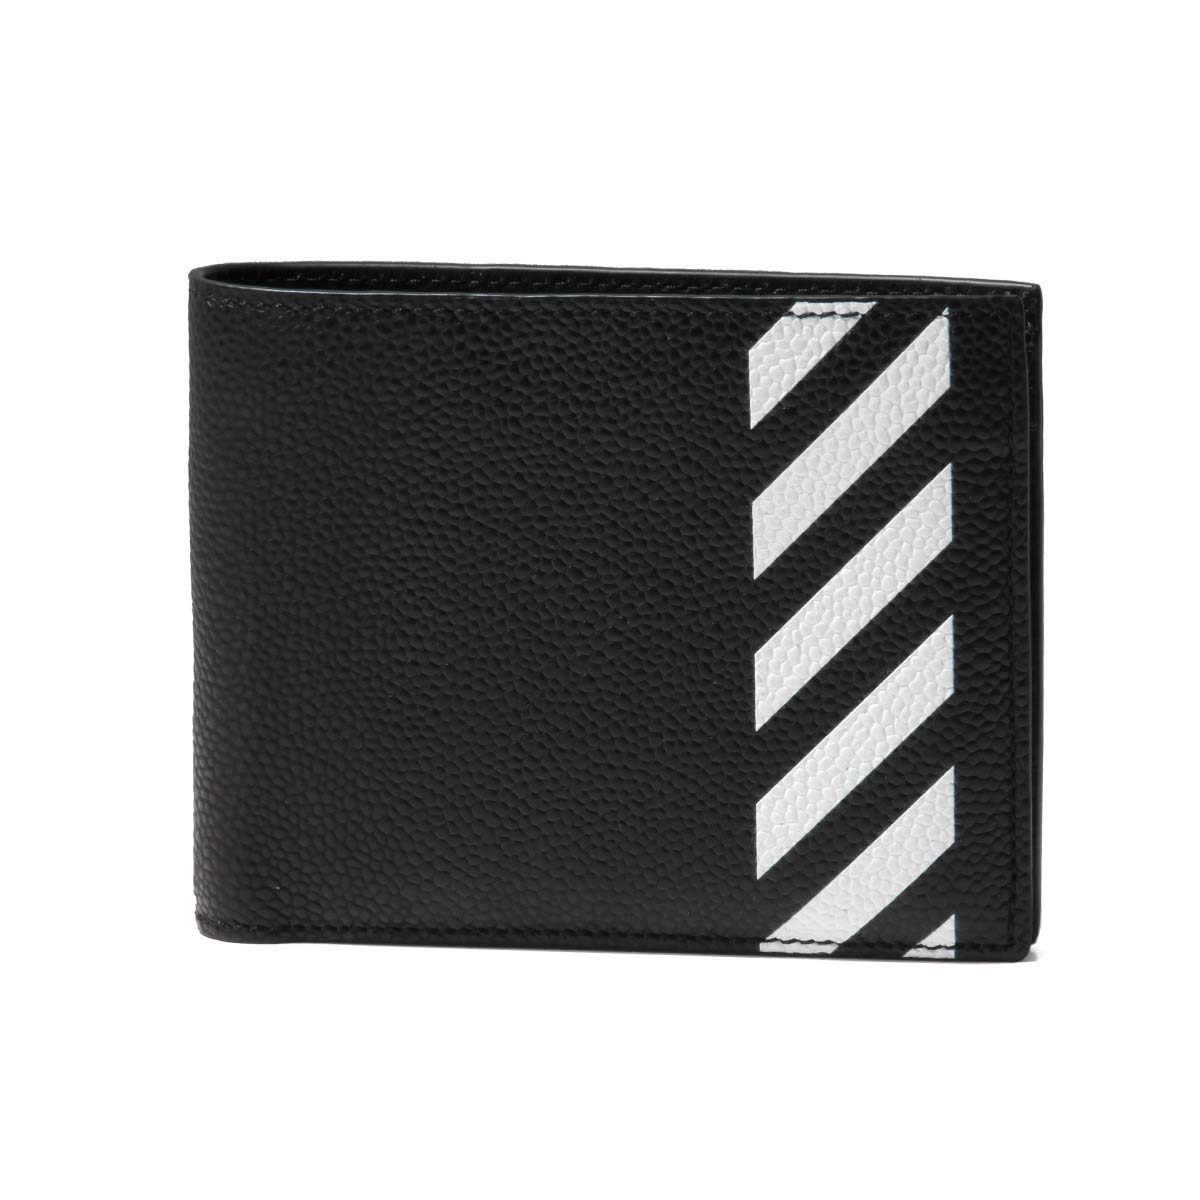 (オフ ホワイト) OFF-WHITE 二つ折り財布 DIAG ブラック OMNC008R19C440321001 [並行輸入品] B07QHCT92X